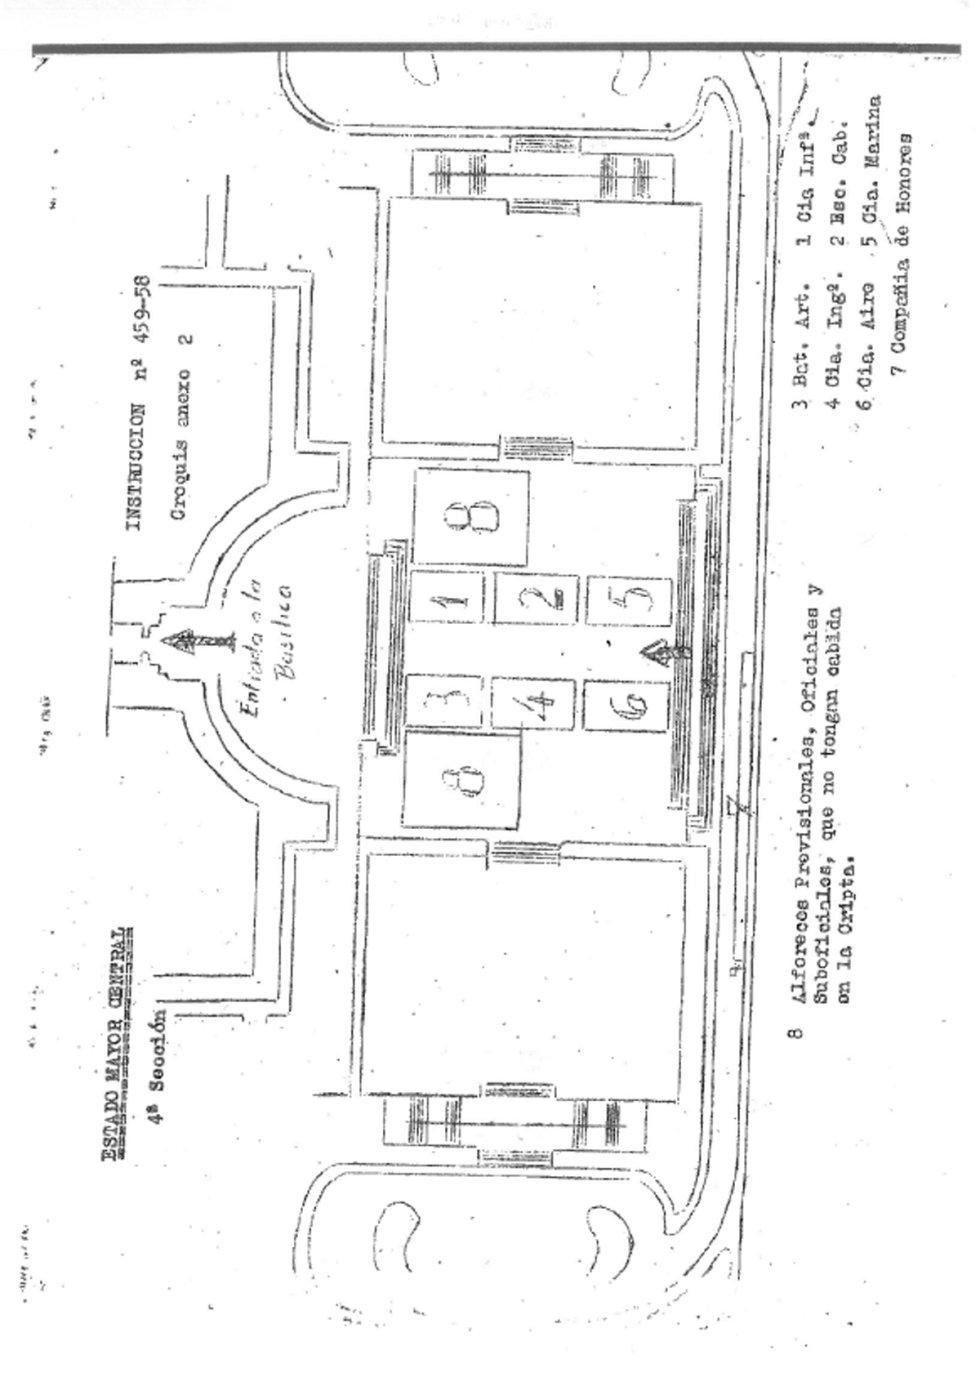 Plano de la explanada del Valle de los Caídos, donde tuvieron que situarse los alféreces provisionales, los oficiales y suboficiales que no tuvieron cabida dentro de la Cripta del Valle de los Caídos.